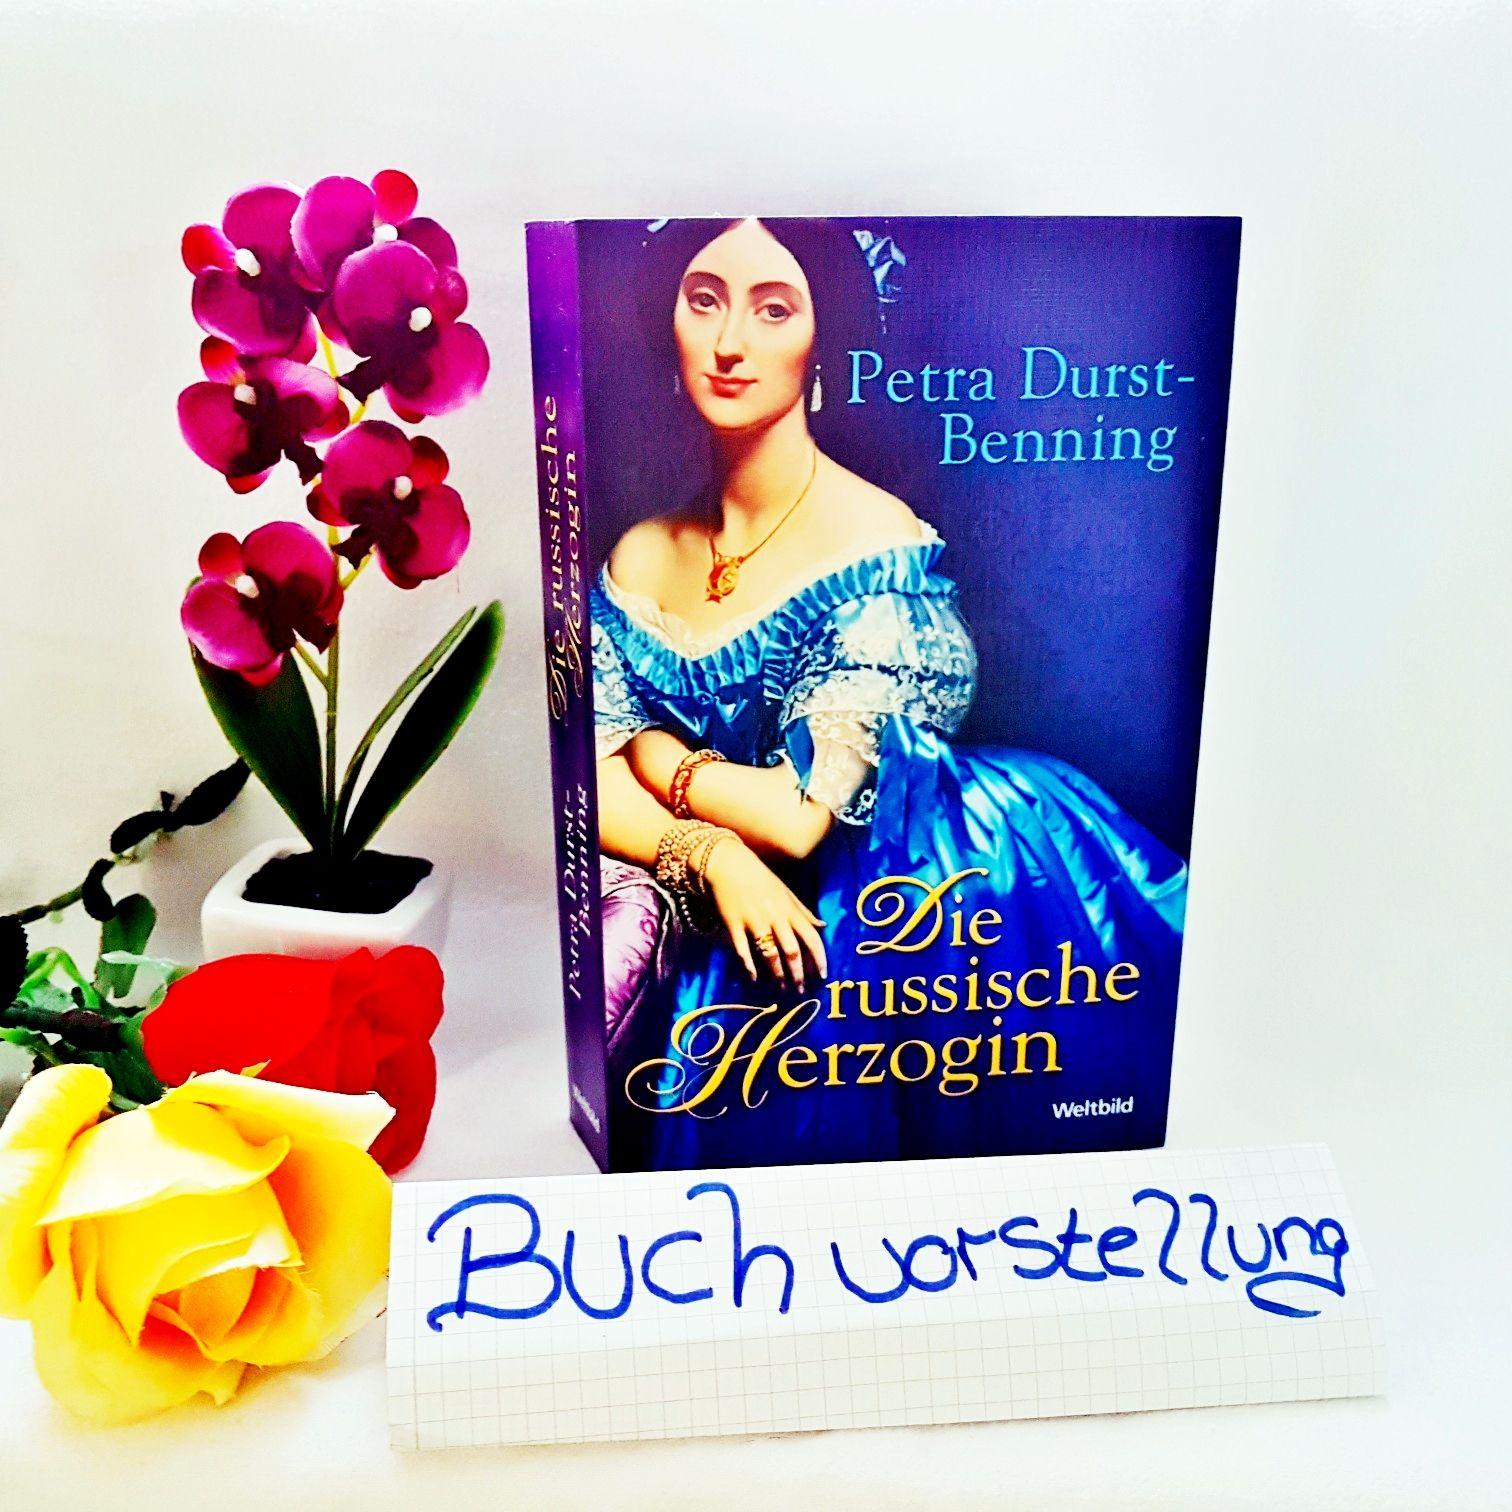 Die russische Herzogin von Petra Durst-Benning